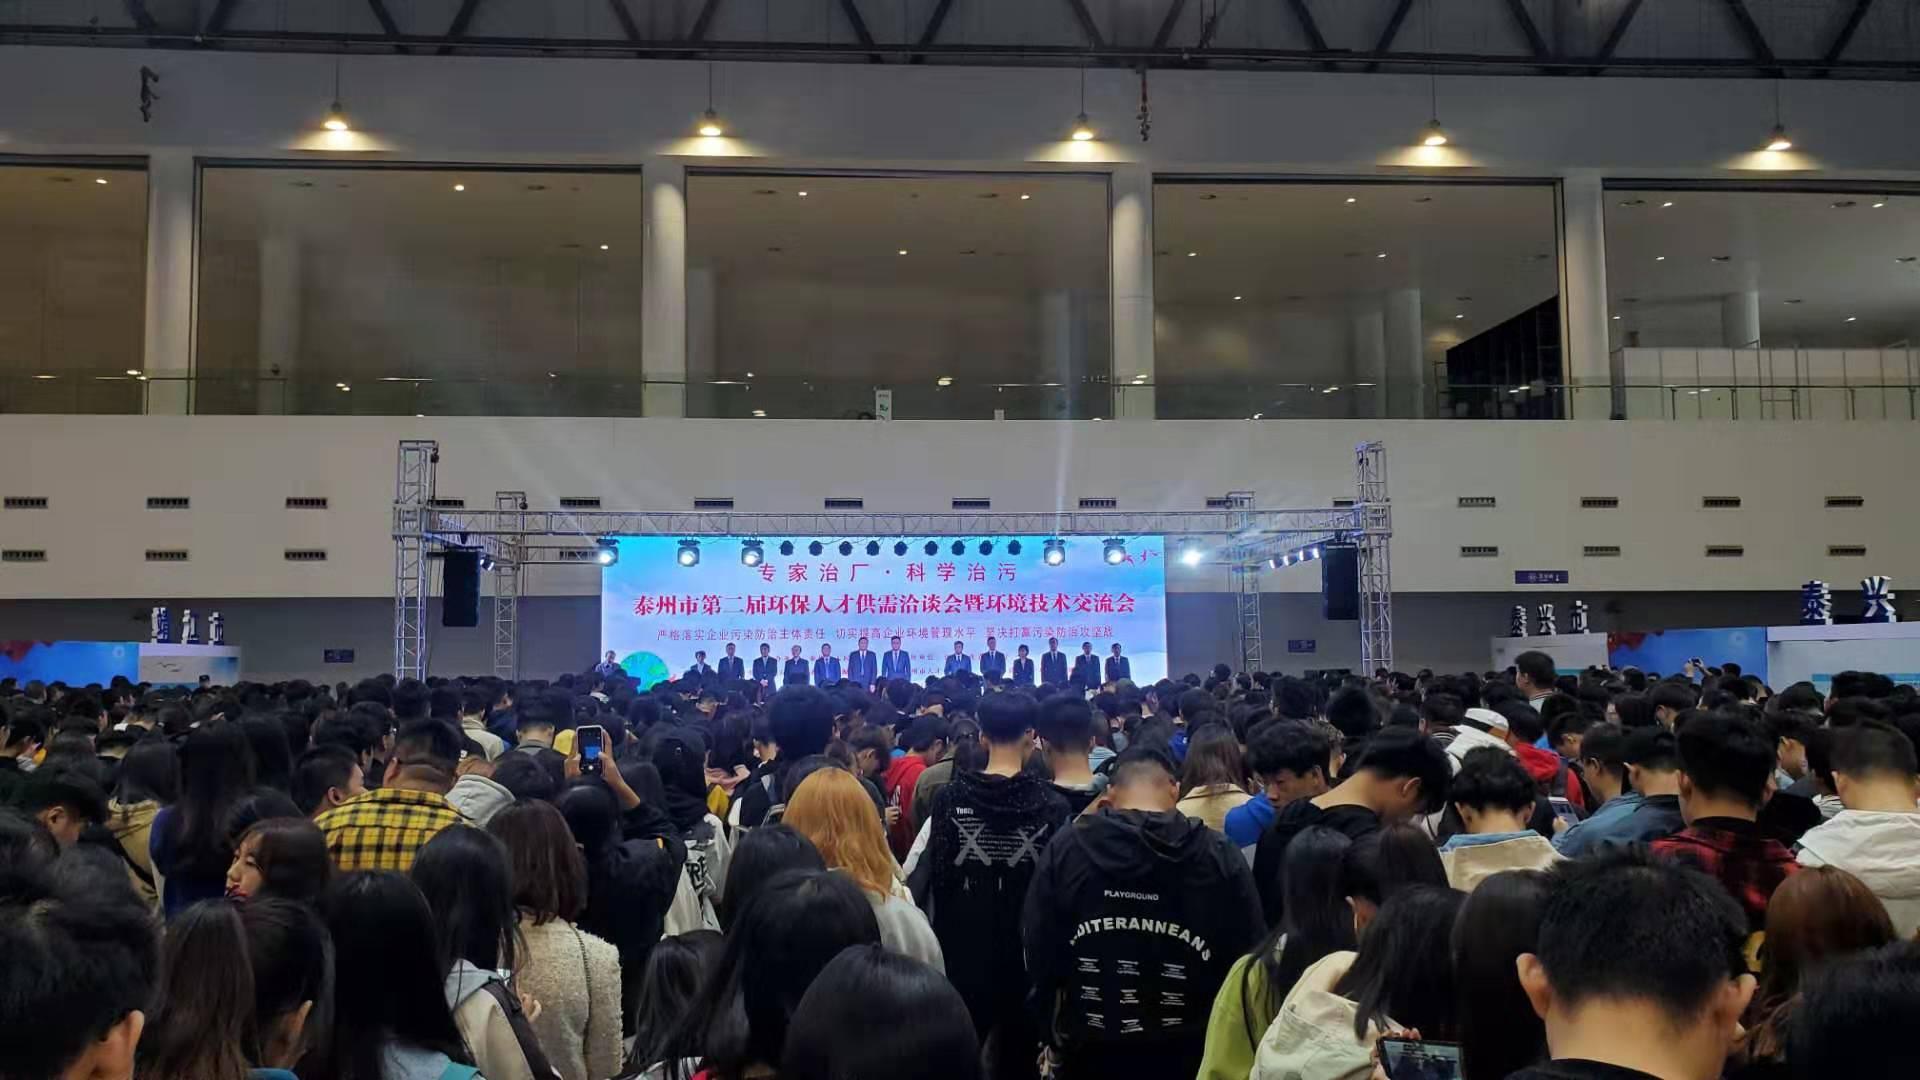 上海宝英科技参加泰州市第二届环保人才供需洽谈会